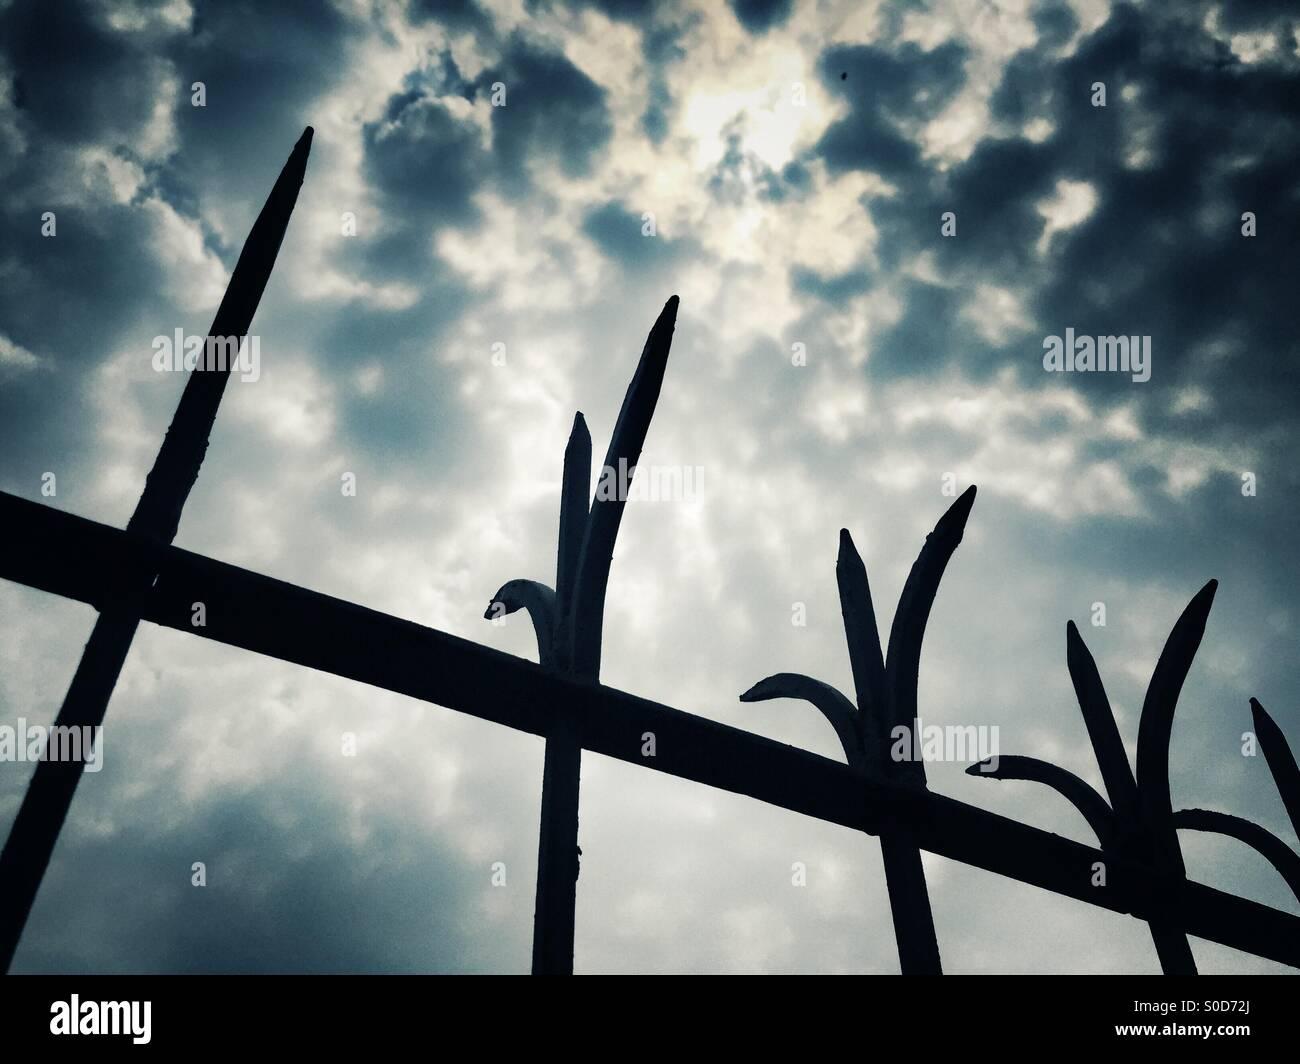 Recinzioni di filo spinato contro il cielo drammatico Immagini Stock